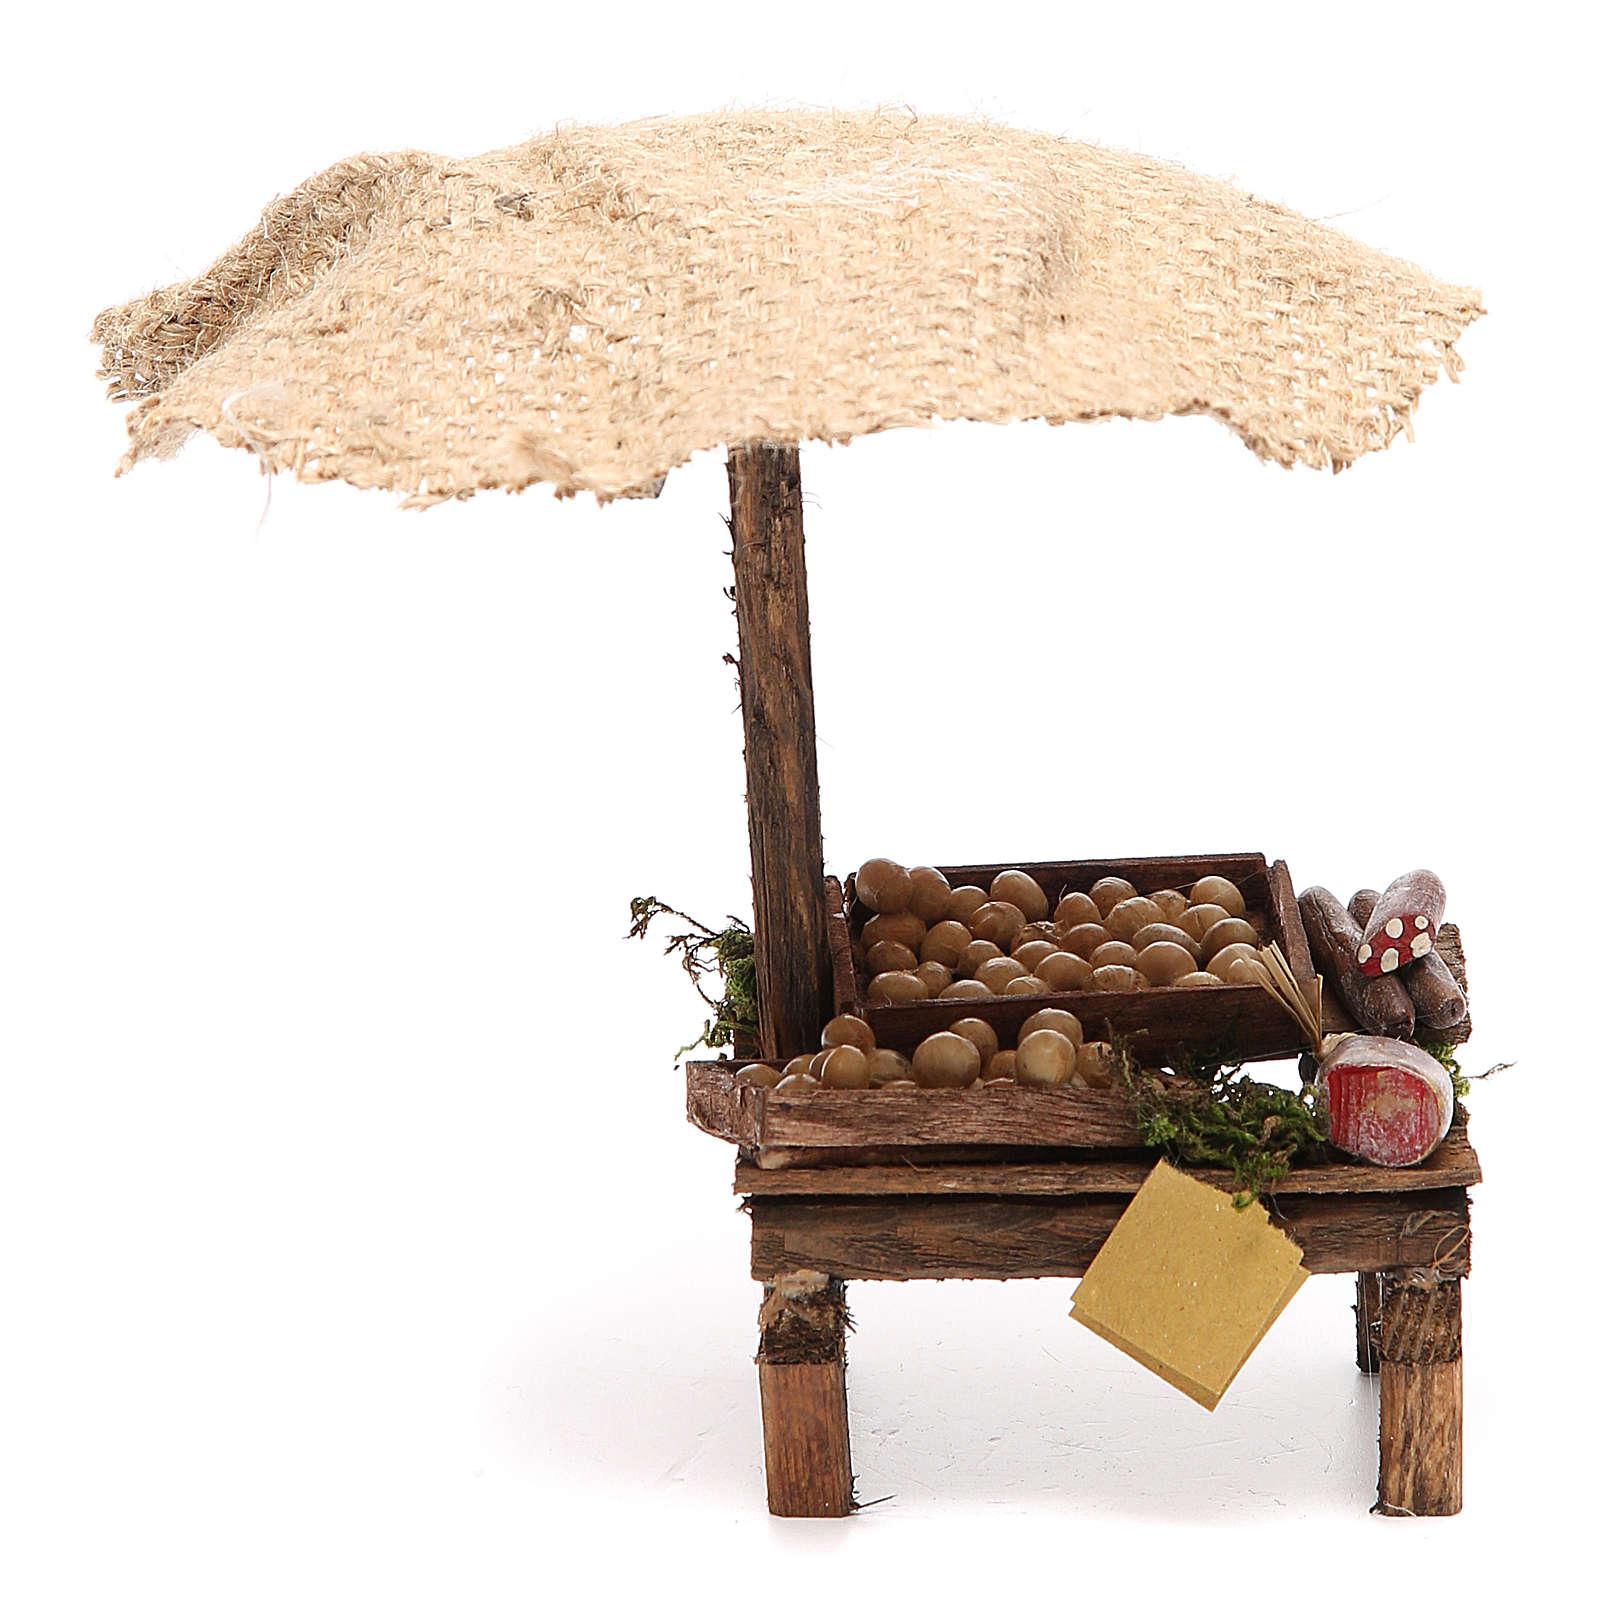 Banchetto salumi uova presepe con ombrello 16x10x12 cm 4